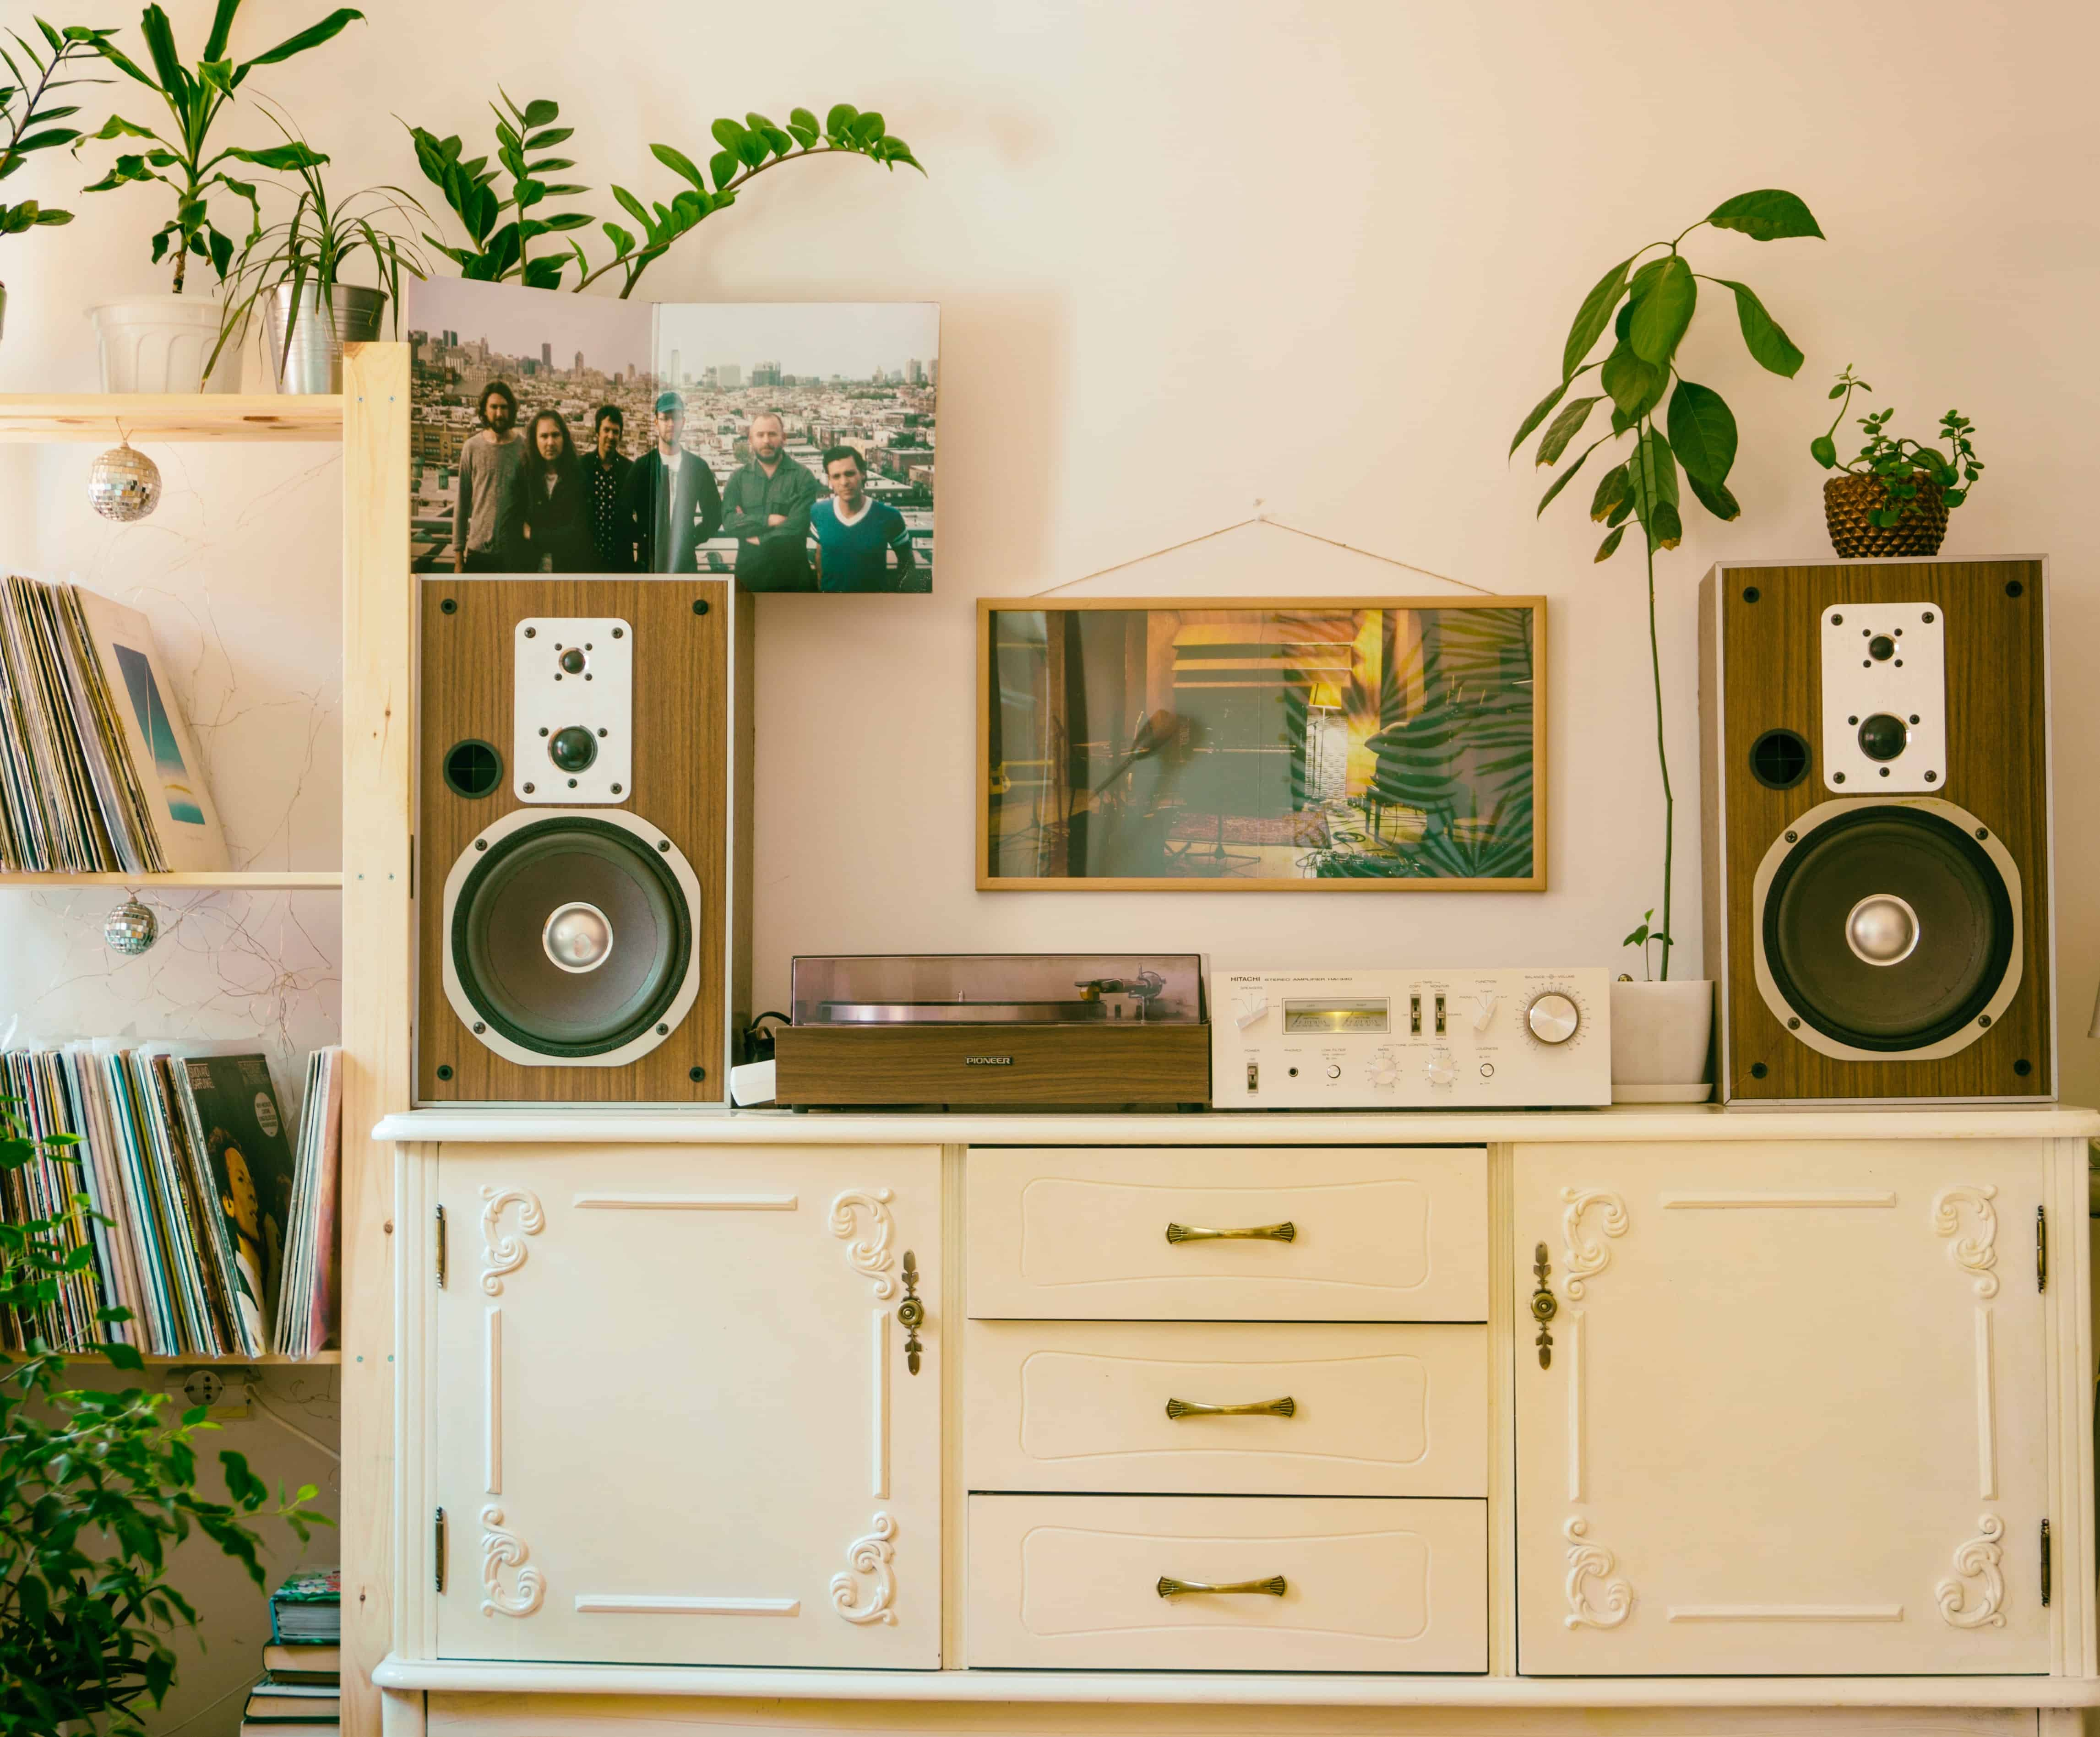 Imagem de uma aparador com tocador de vinil e caixas de som estilo vintage.